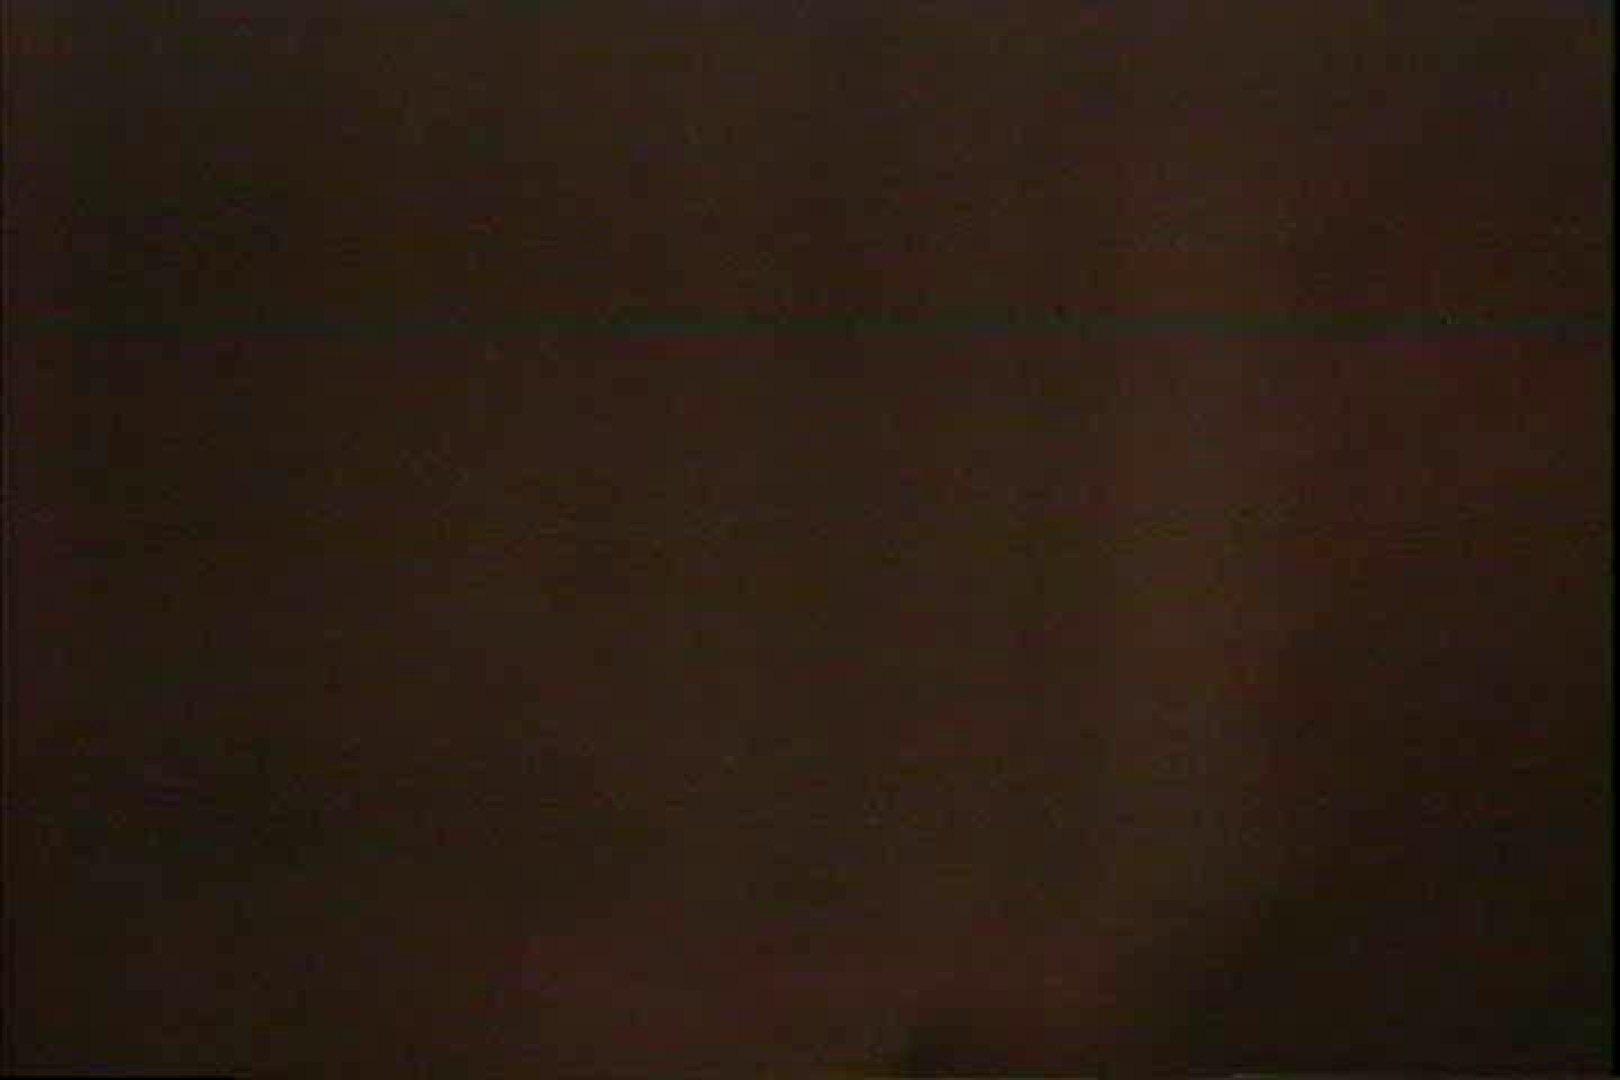 闇の仕掛け人 無修正版 Vol.19 フリーハンド  79pic 30